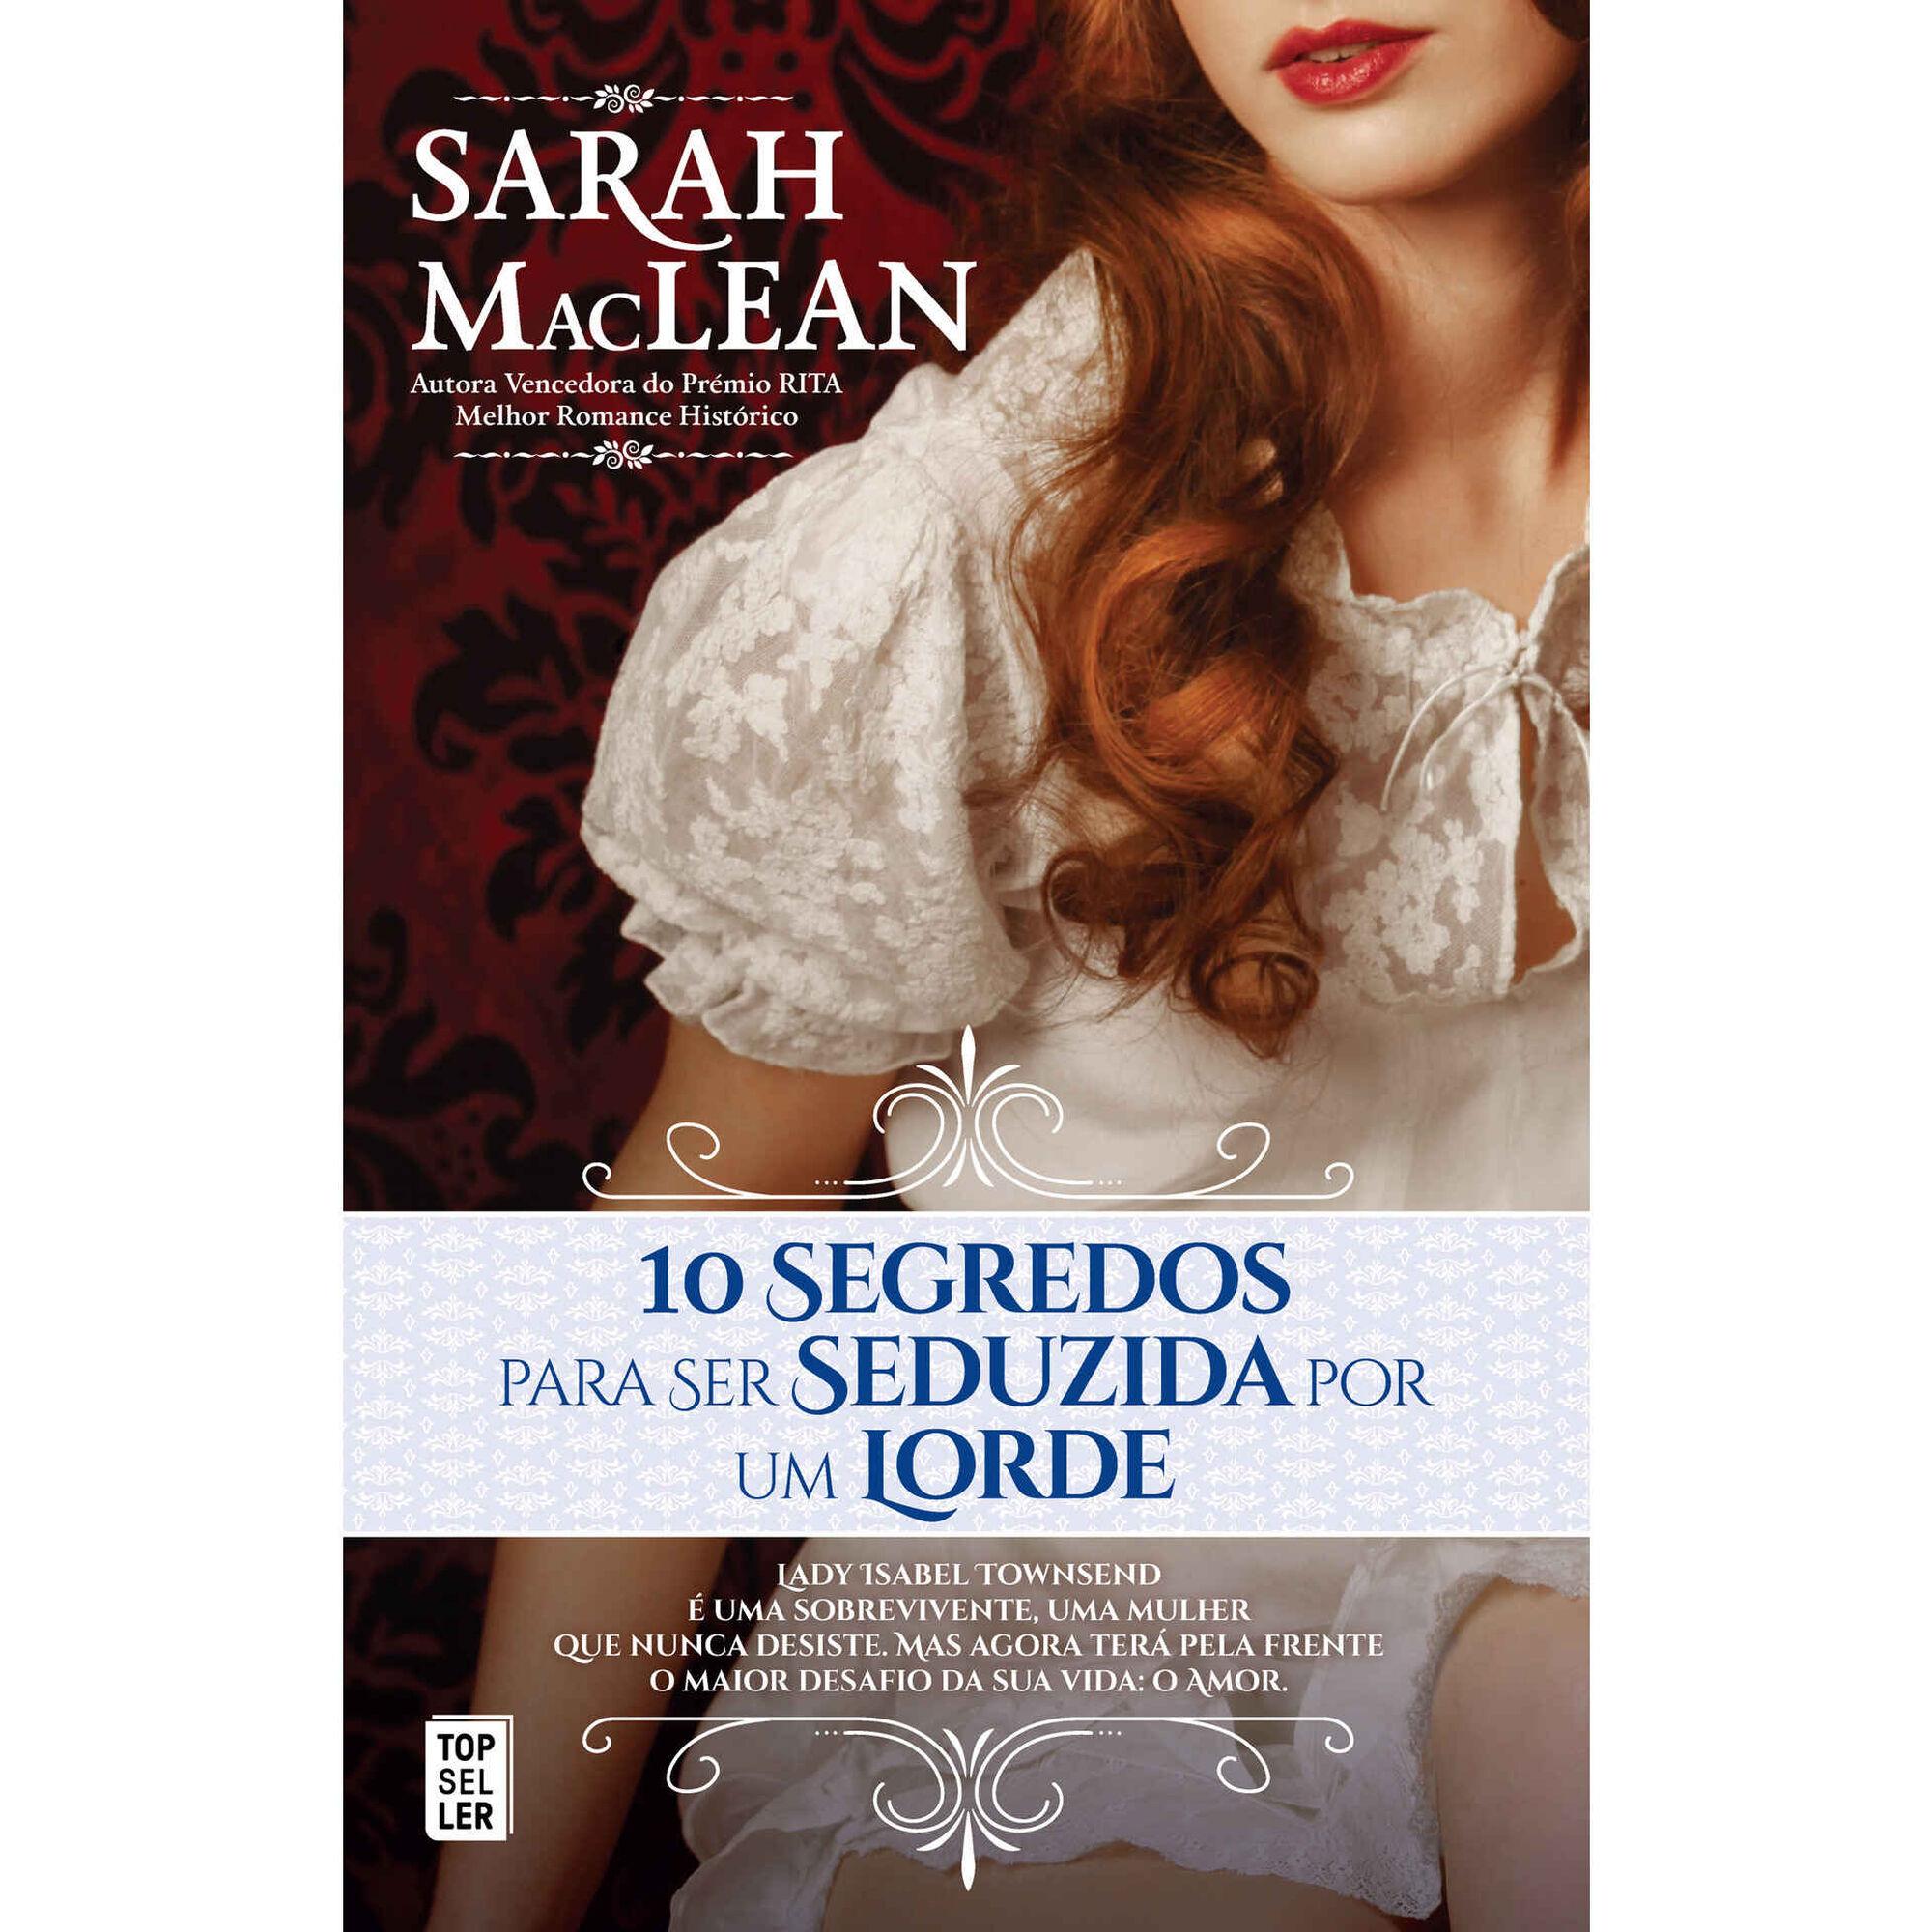 10 Segredos para Ser Seduzida por um Lorde